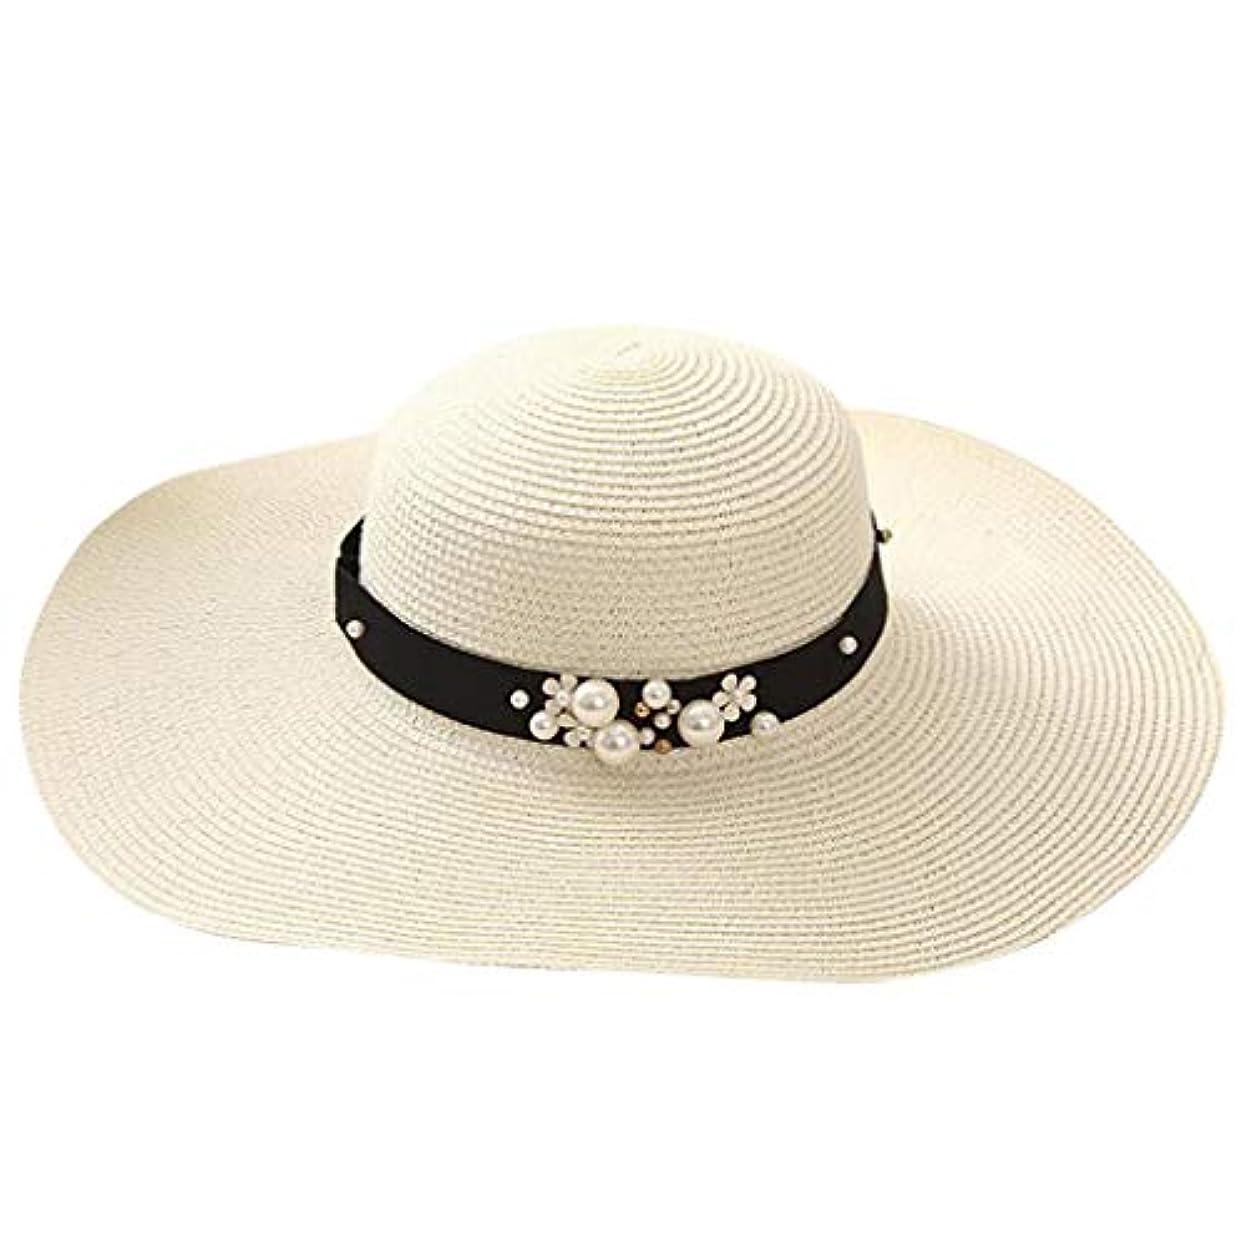 実験室兵士新年漁師の帽子 ROSE ROMAN UVカット 帽子 帽子 レディース 麦わら帽子 UV帽子 紫外線対策 通気性 取り外すあご紐 サイズ調節可 つば広 おしゃれ 可愛い ハット 旅行用 日よけ 夏季 女優帽 小顔効果抜群